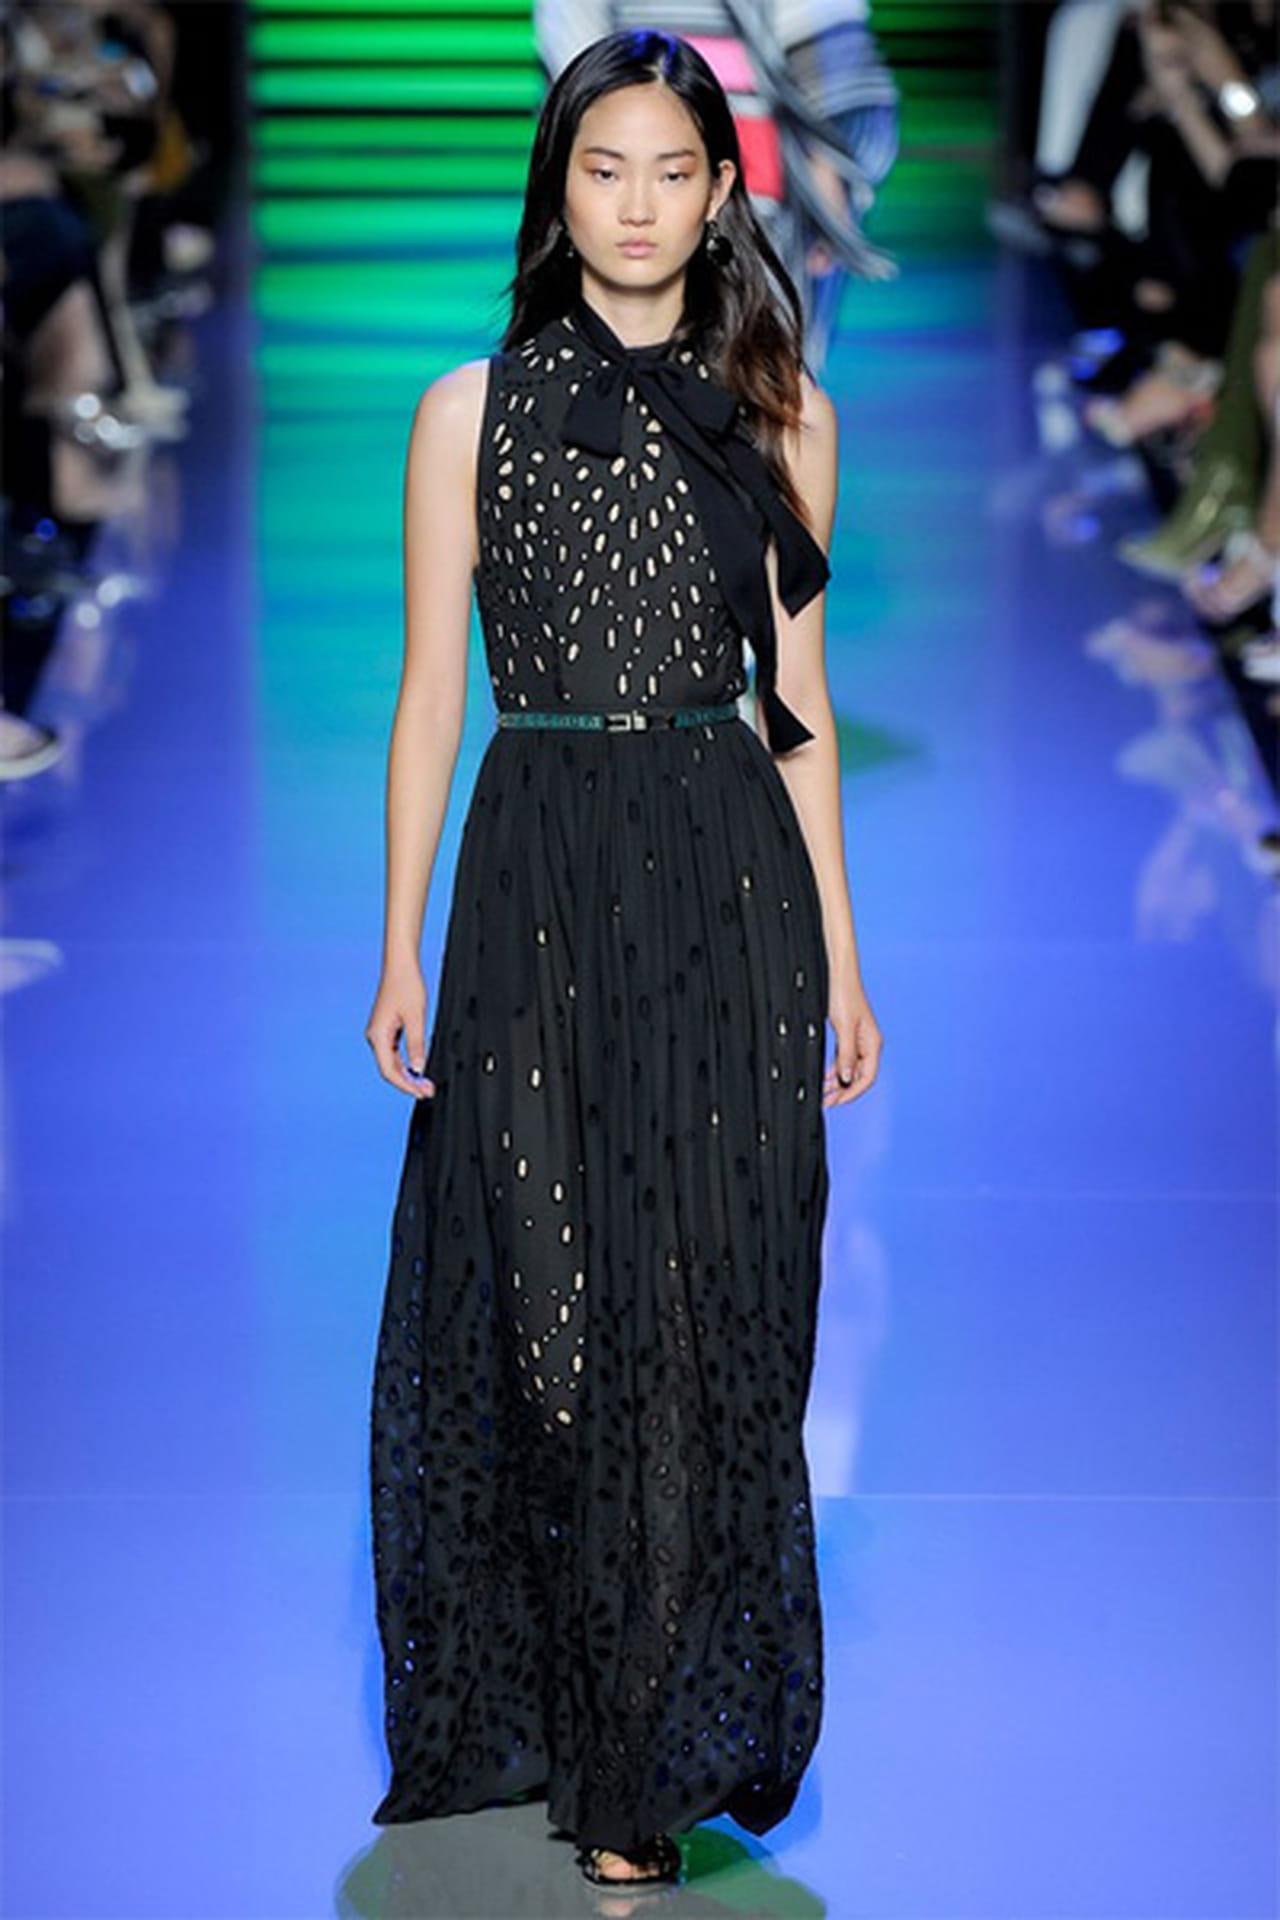 42b9e3845752d بحلول فصل الخريف تبرز أهمية الفستان الأسود بلونه الكلاسيكي وموديلاته التي  غالباً ما تحرص دور الأزياء العريقة على تقديمها بمزيج من الأناقة والبساطة  التي ترضي ...